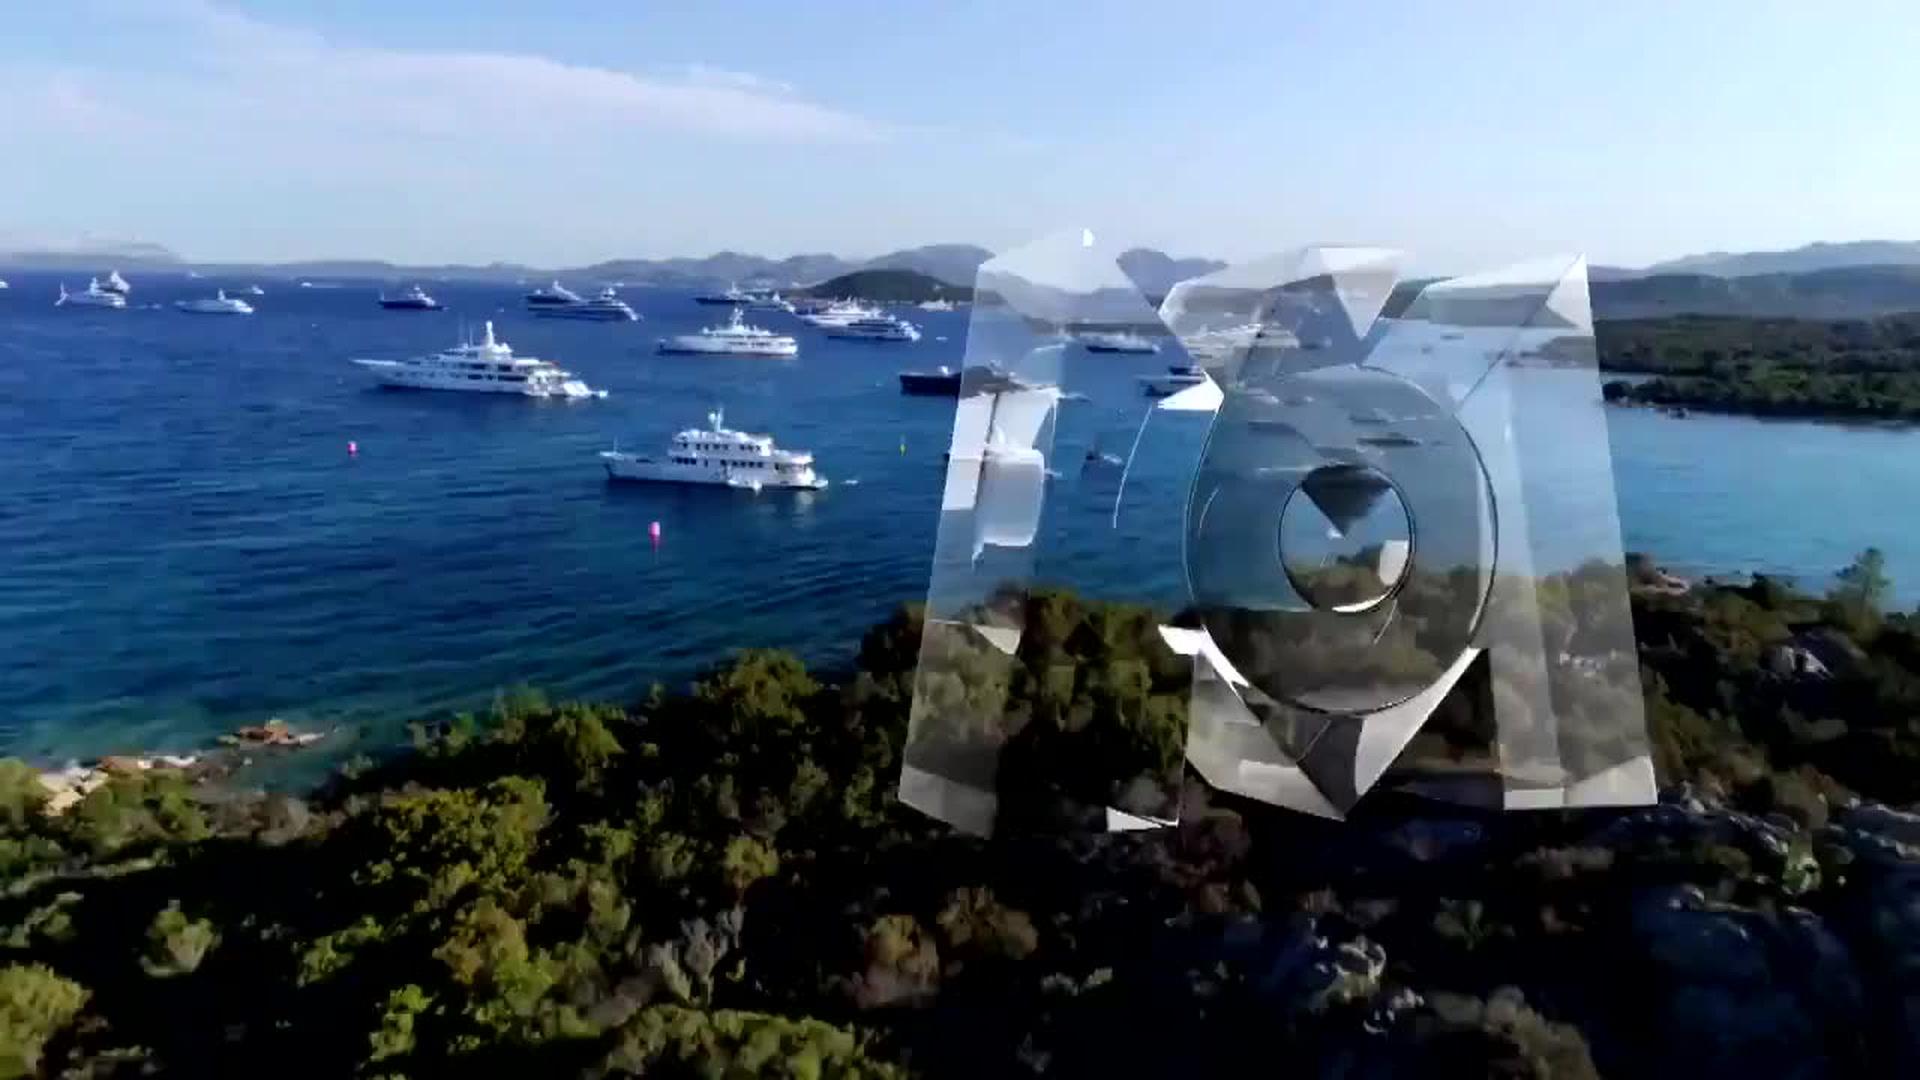 Enquête exclusive : Porto Cervo : le nouveau joyau de la Méditerranée